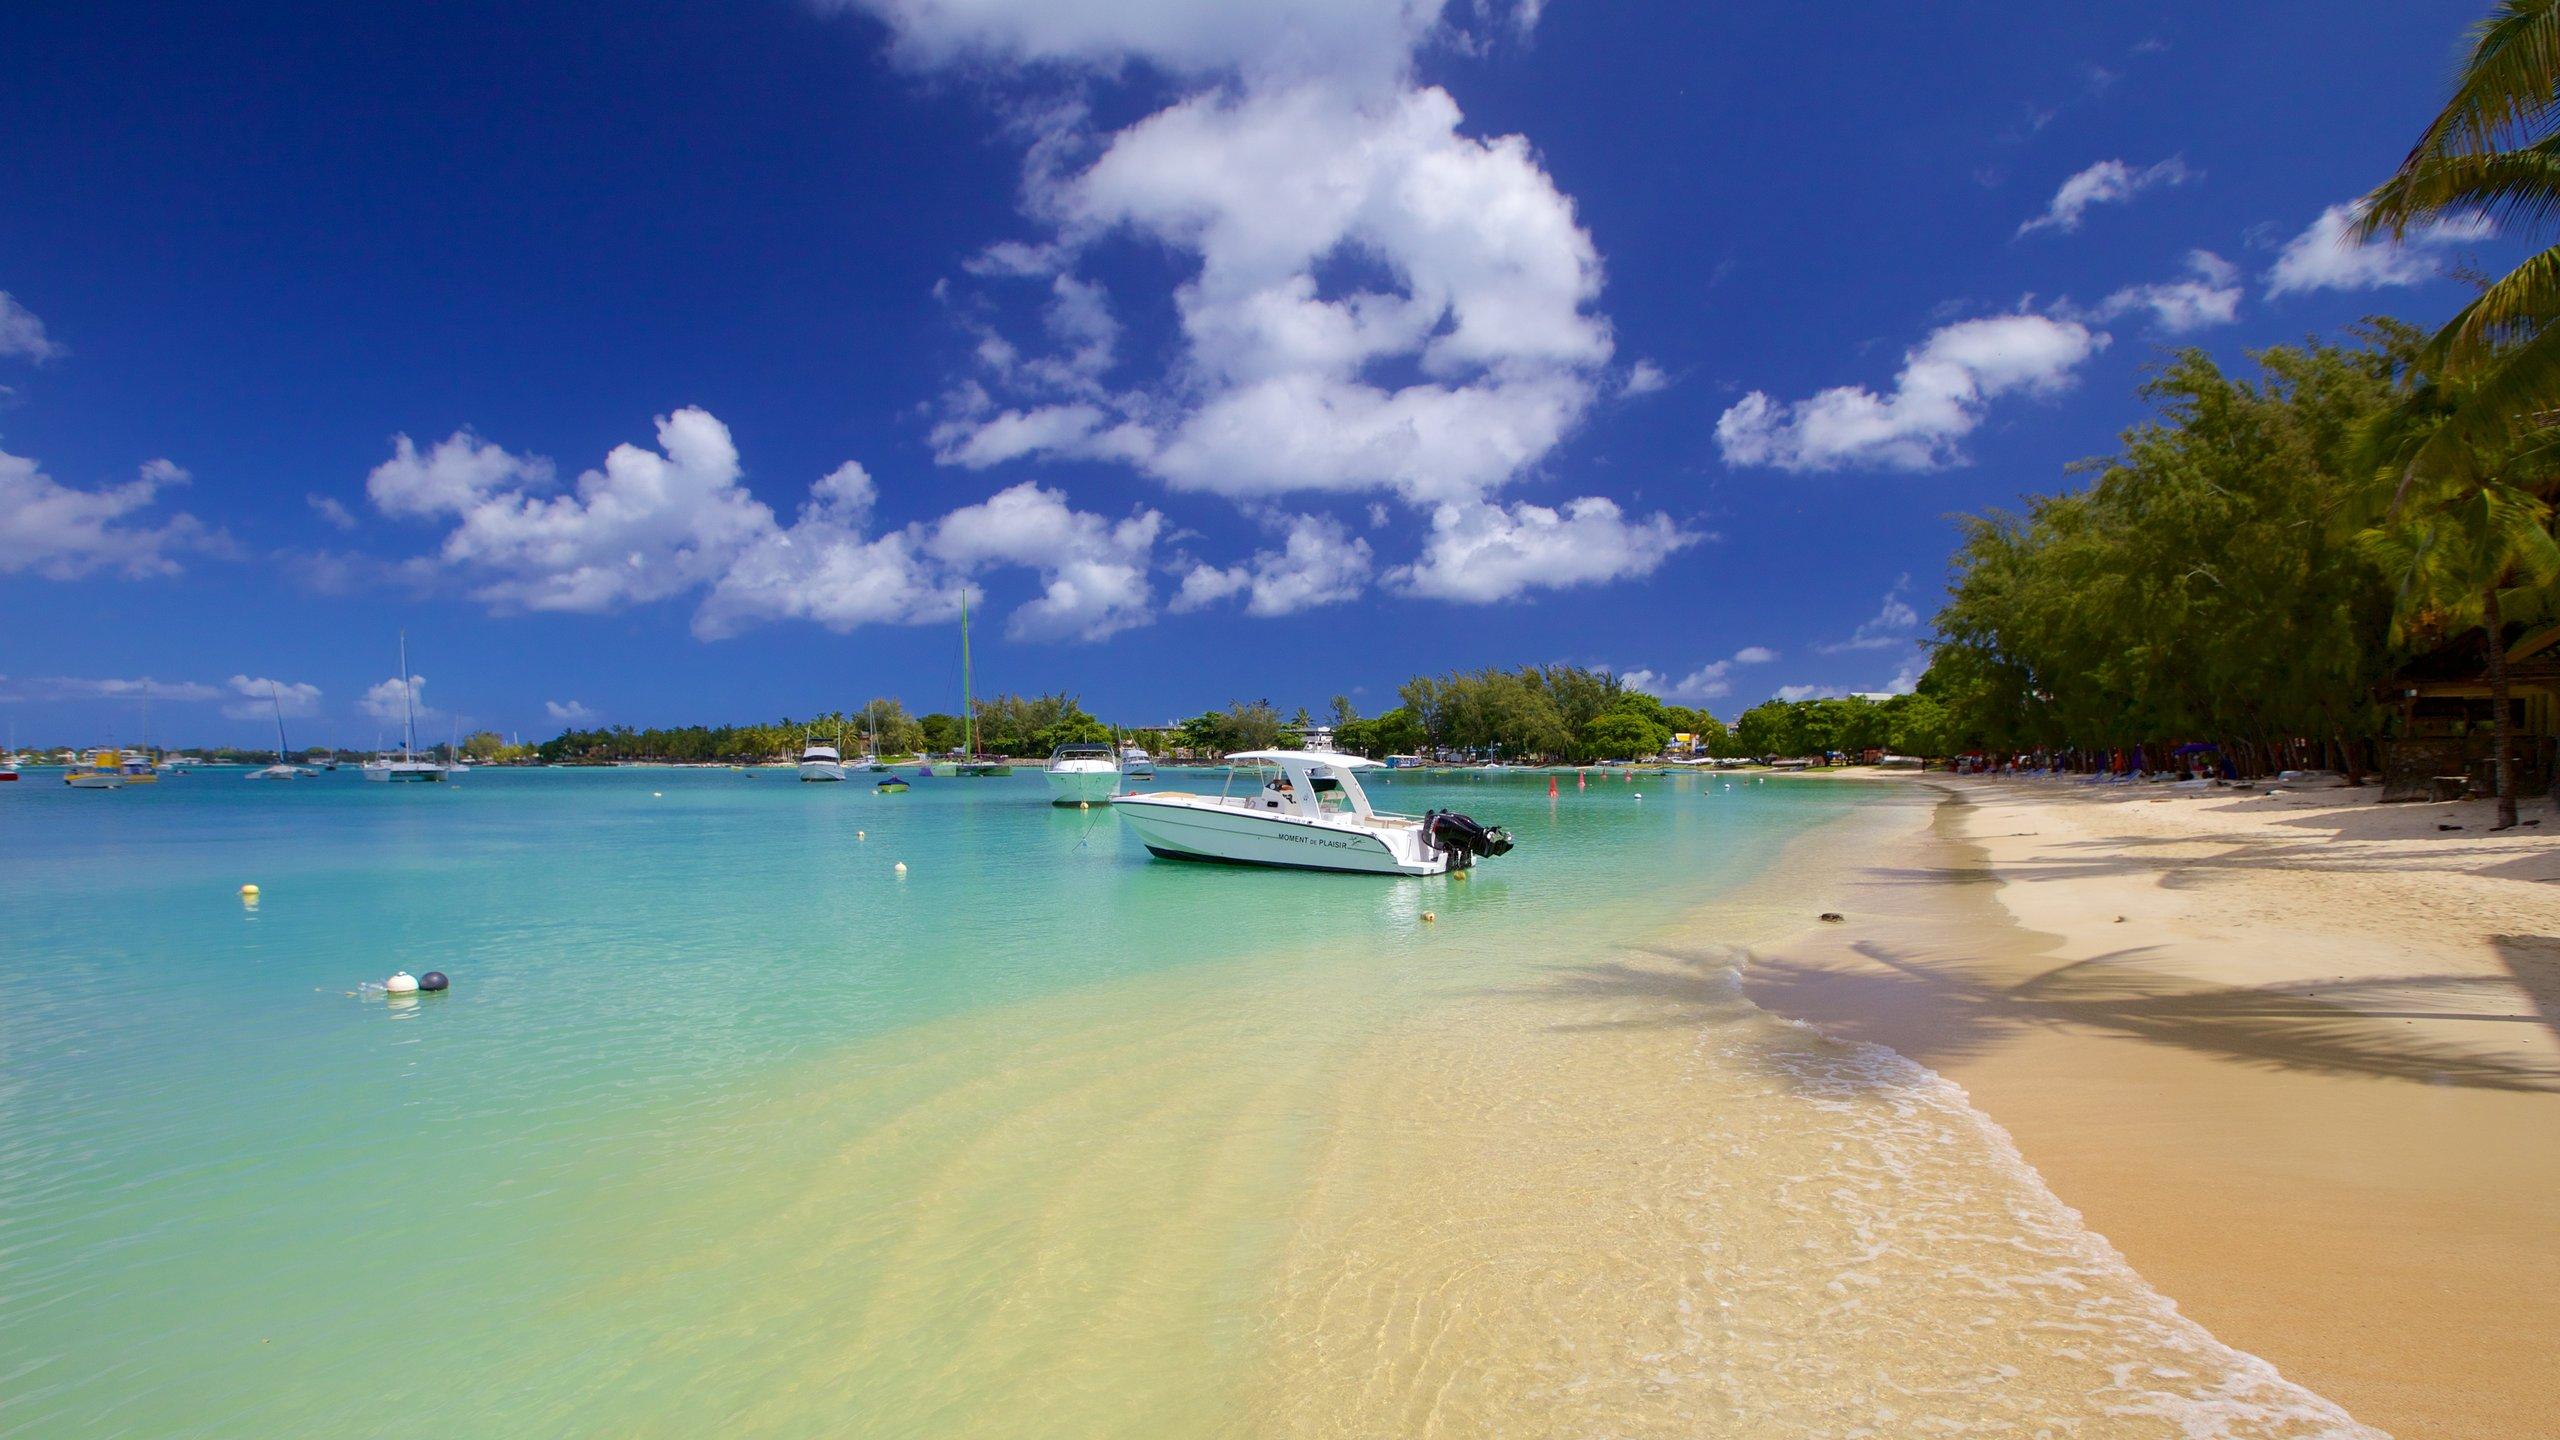 Grand-Baie, Rivière du Rempart, Mauritius